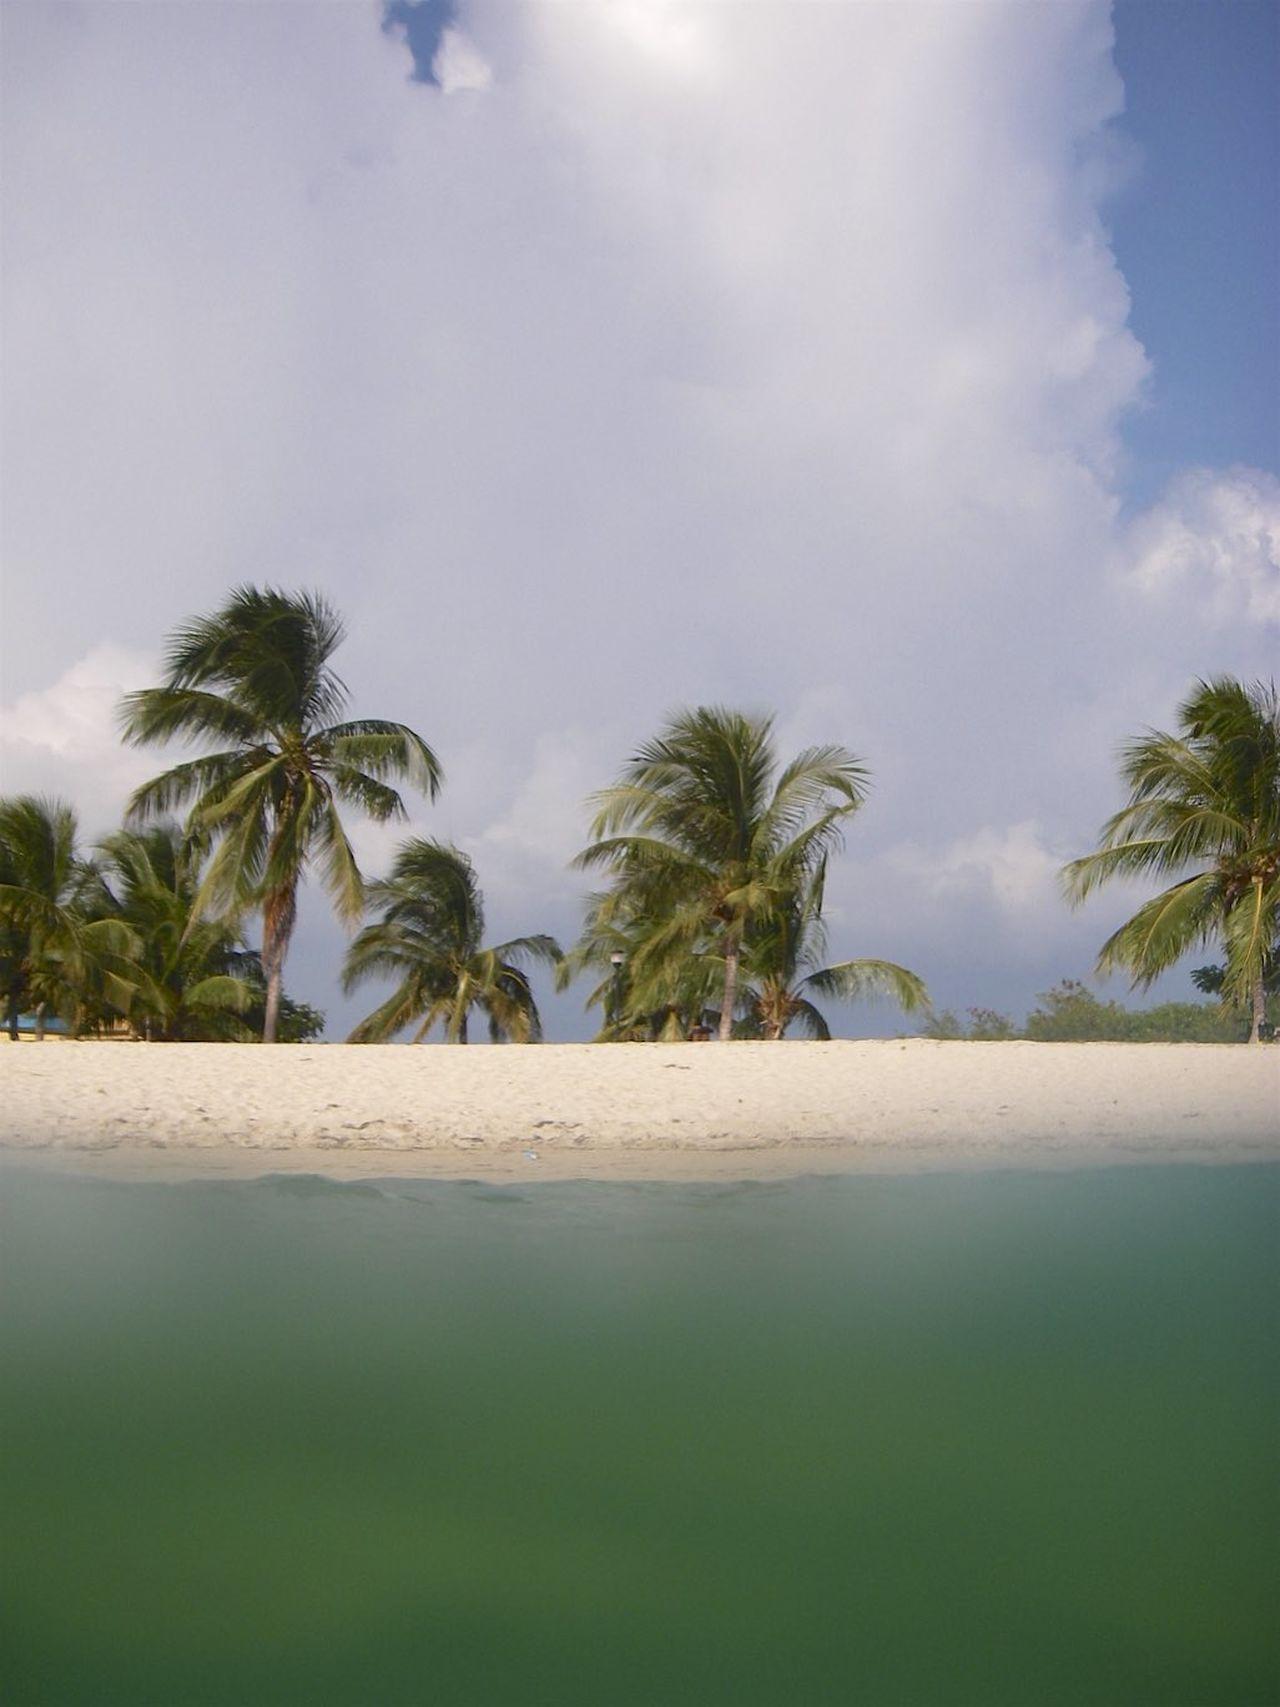 Private Beach Alone Beach Coconut Palm Tree Cuba Escapism Green Sea No People Palm Tree Private Beach Sand Sand & Sea Sea Shore Solitude Tranquility Zen